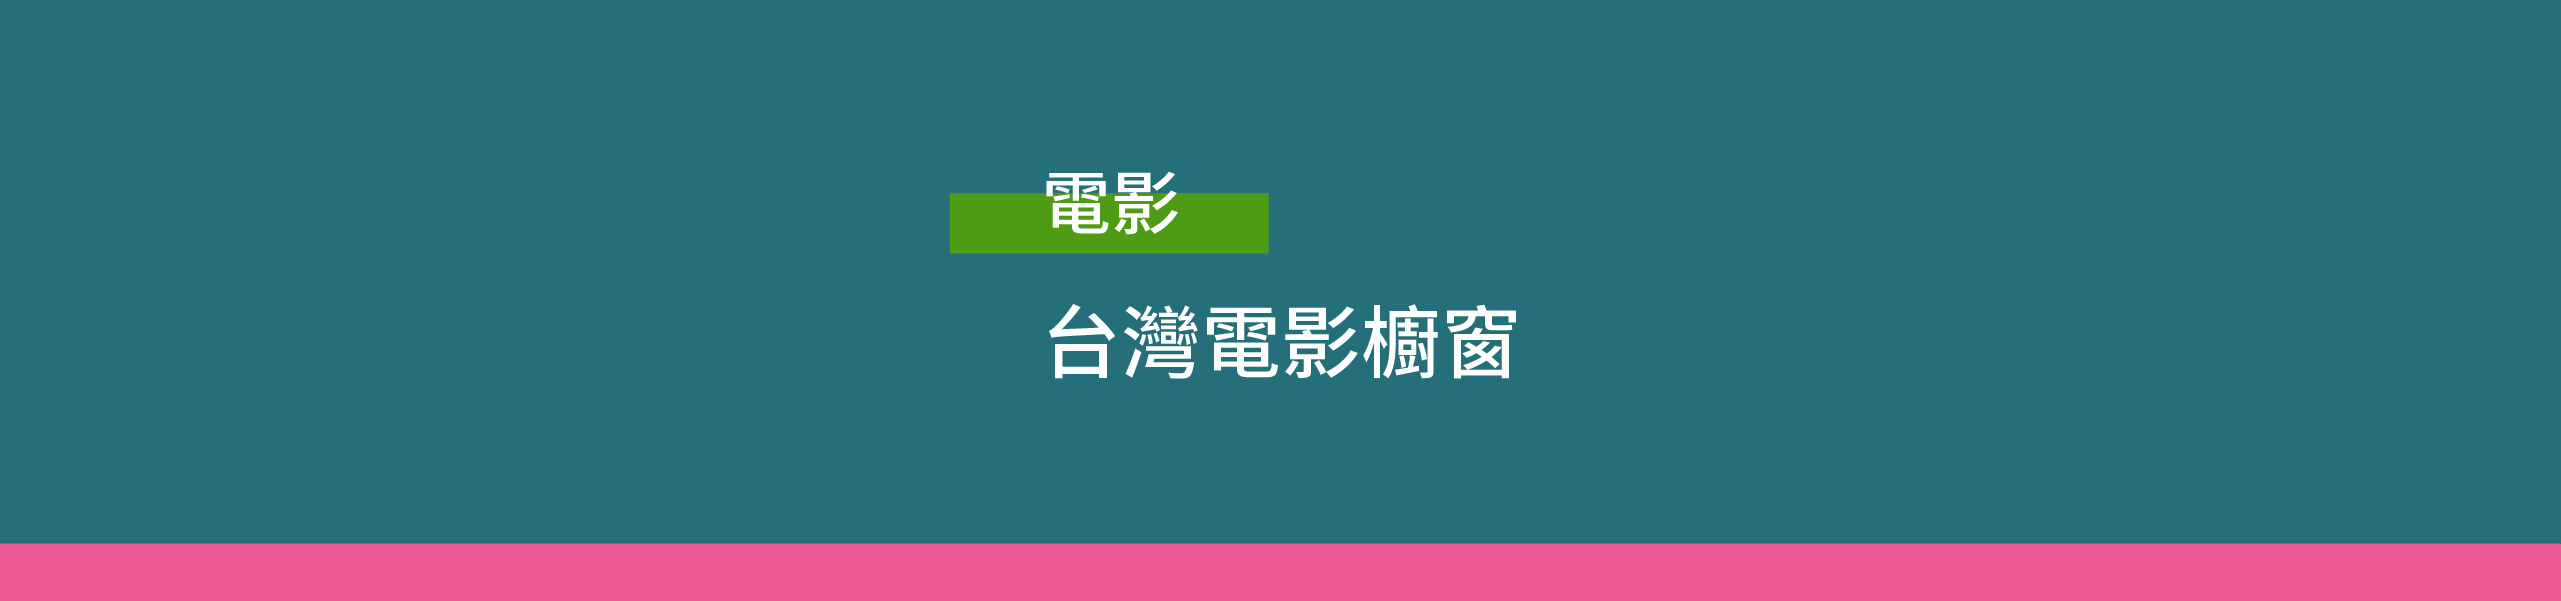 TAIWANfest Film